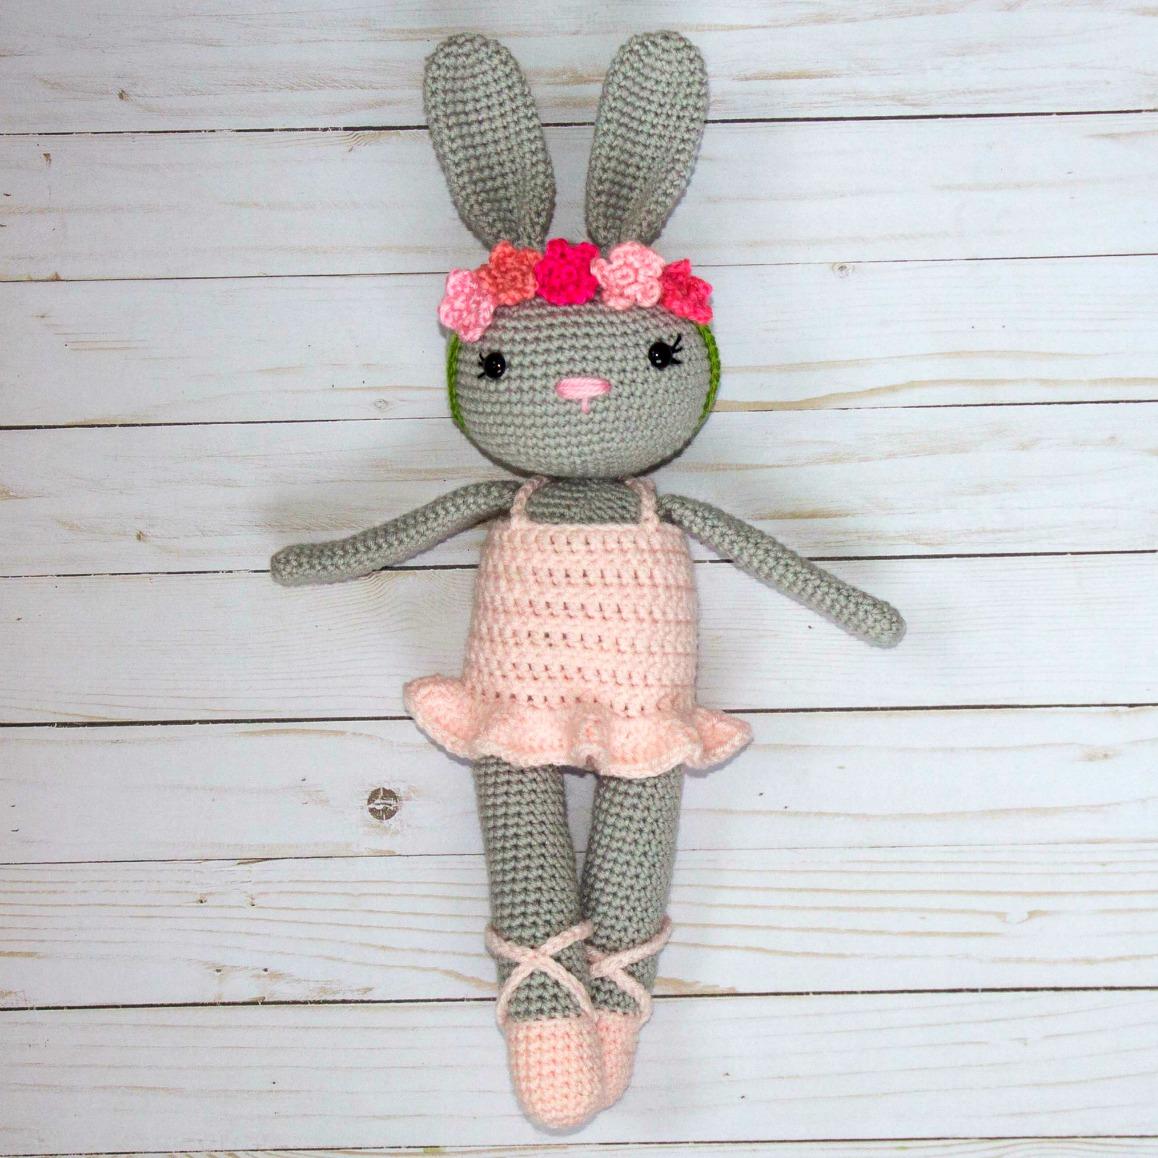 Bella Ballerina Amigurumi Doll   AllFreeCrochet.com   1158x1158